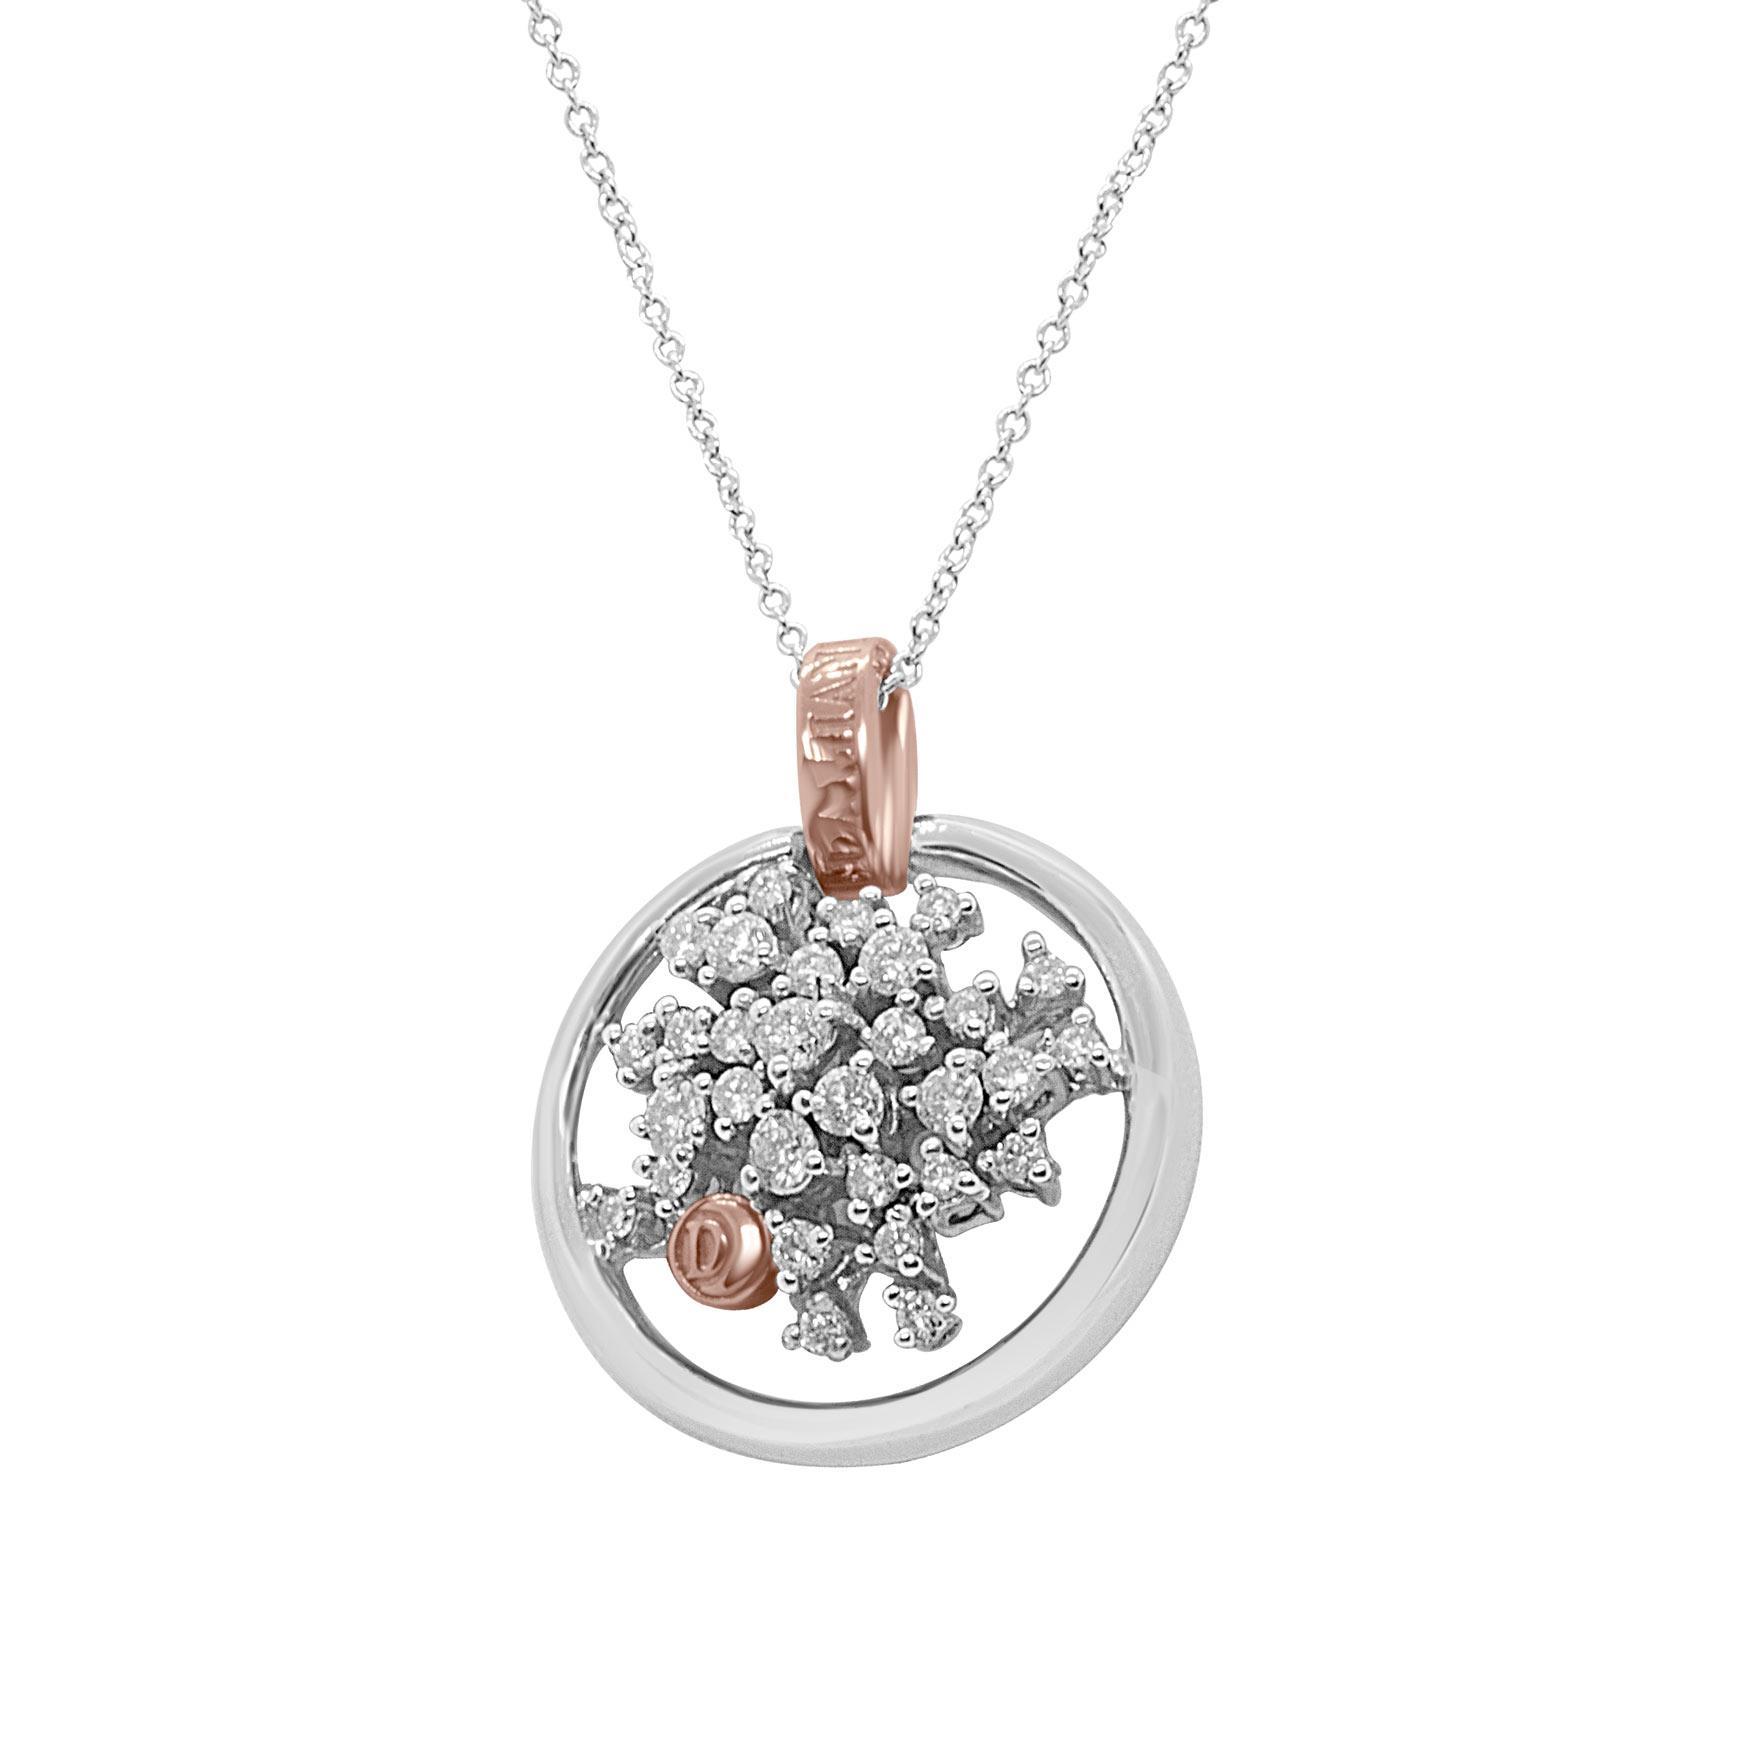 Collier Damiani in oro bianco e oro rosa con diamanti ct 0,55 colore H - DAMIANI